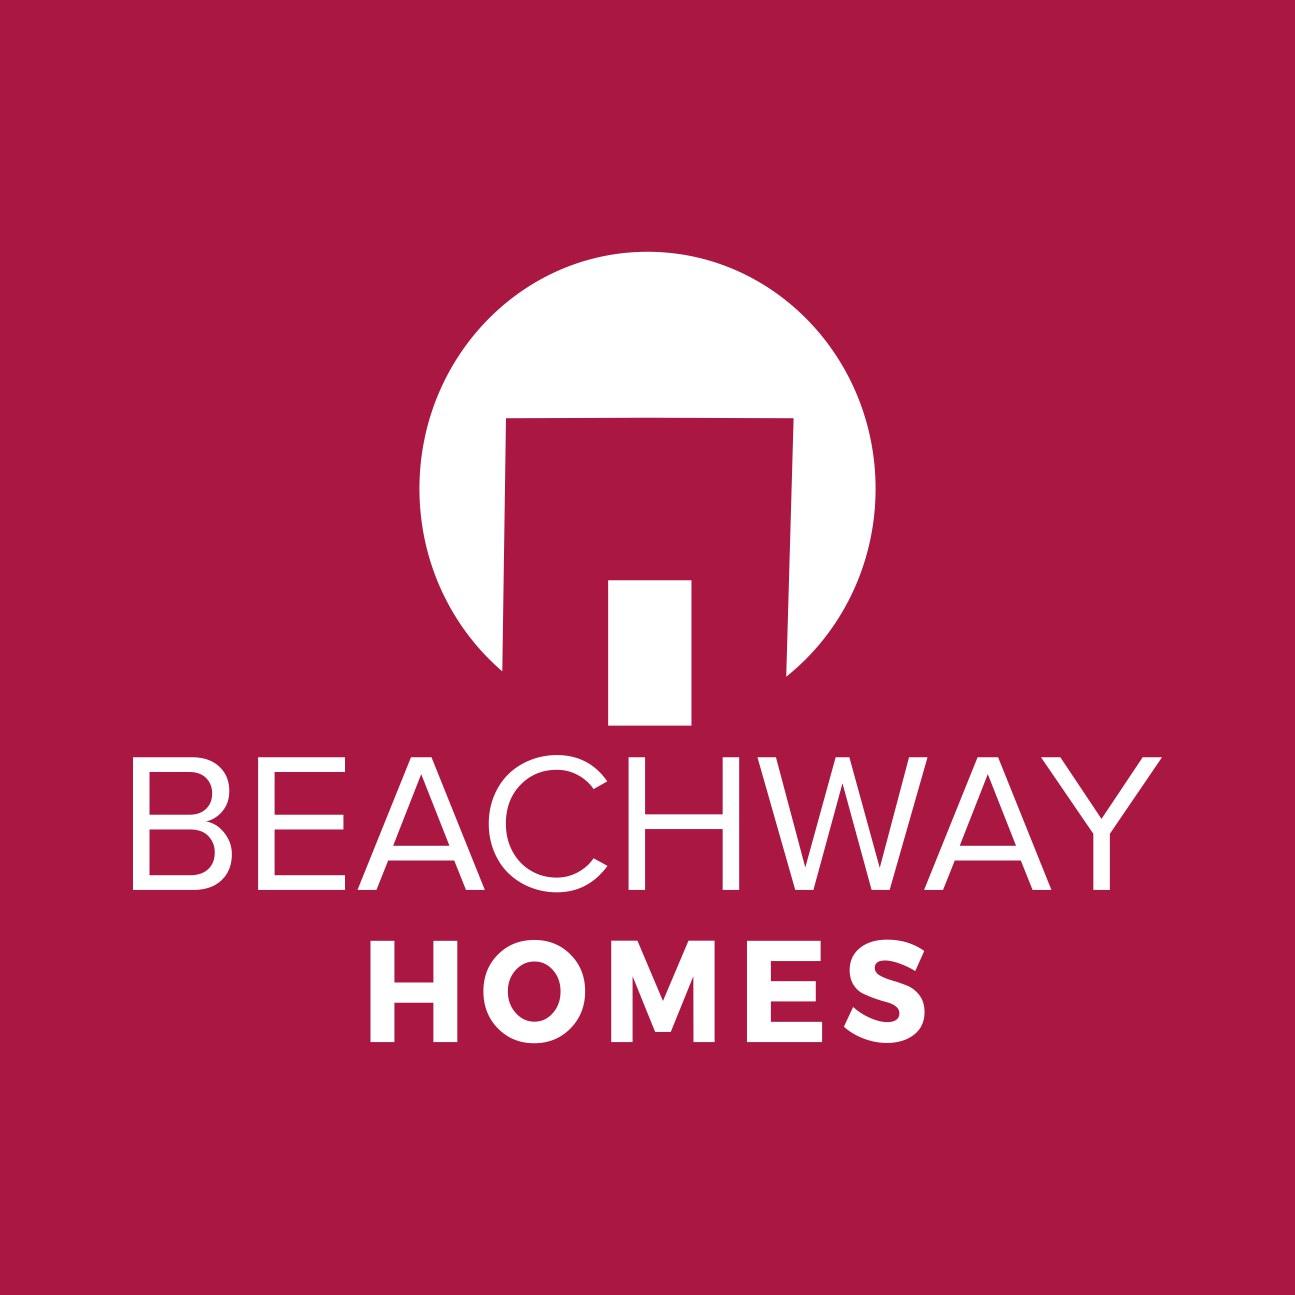 Beachway Homes